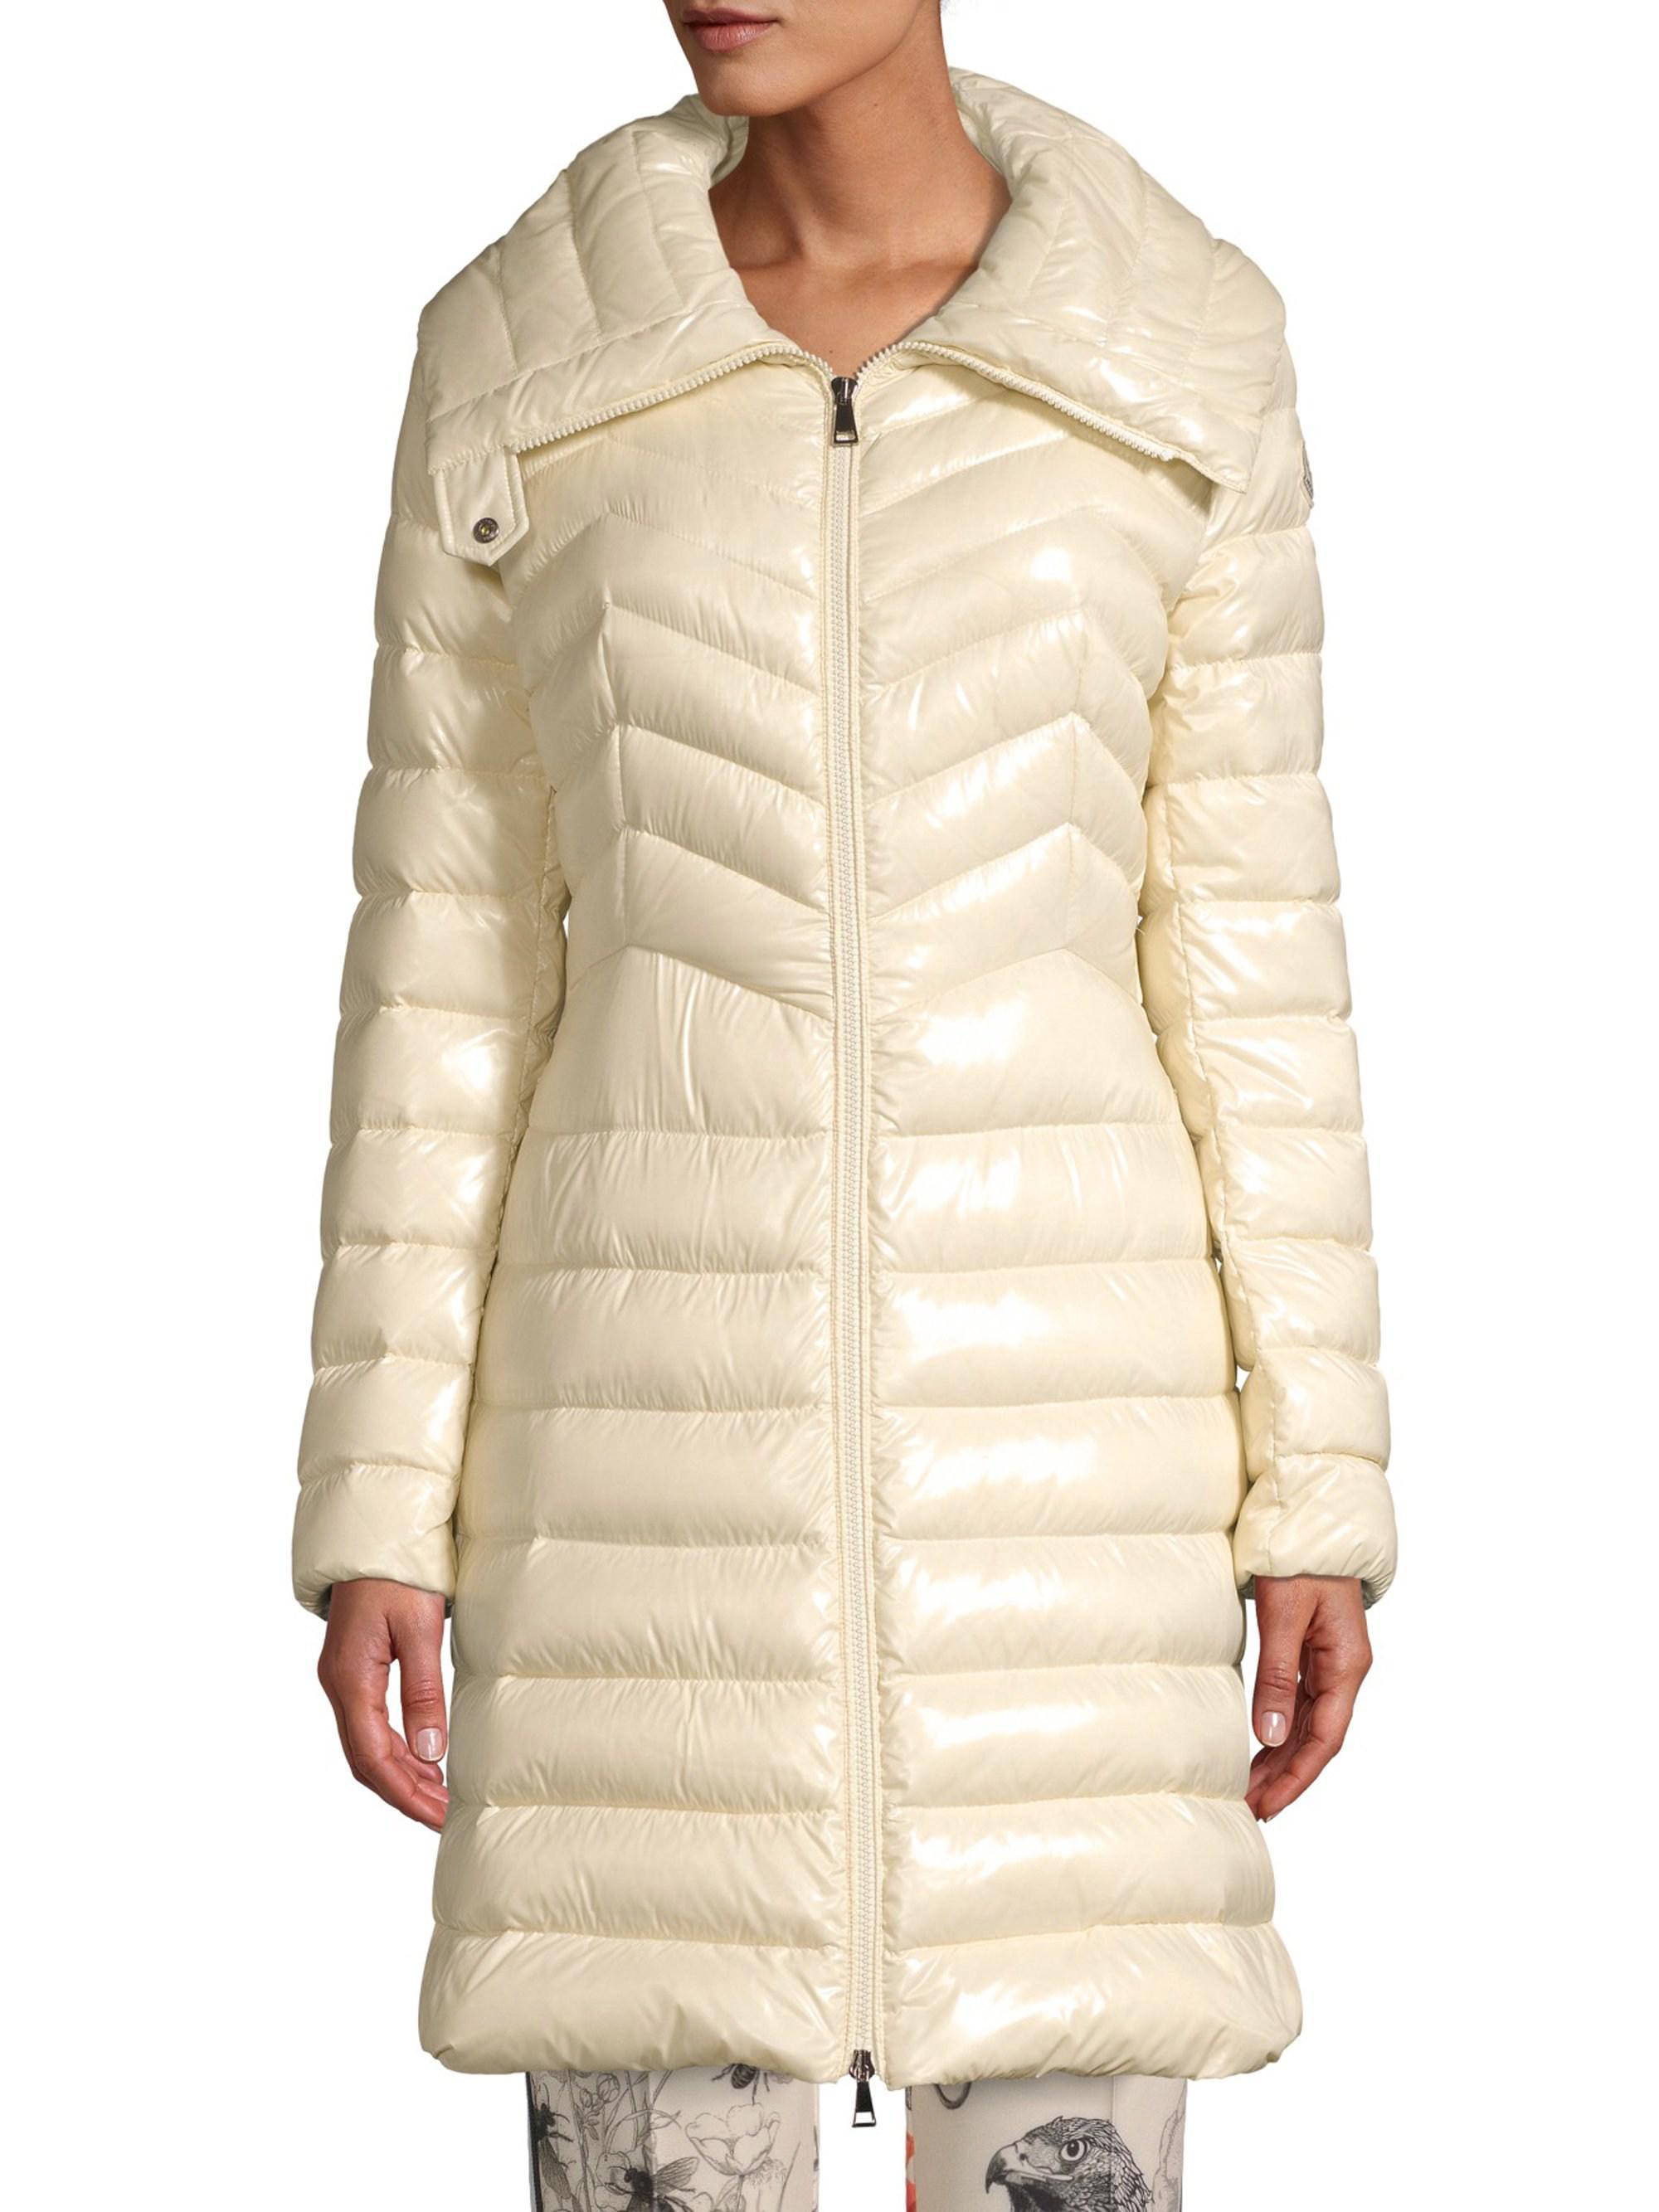 bbd6e3e83 Moncler Natural Faucon Chevron A-line Coat